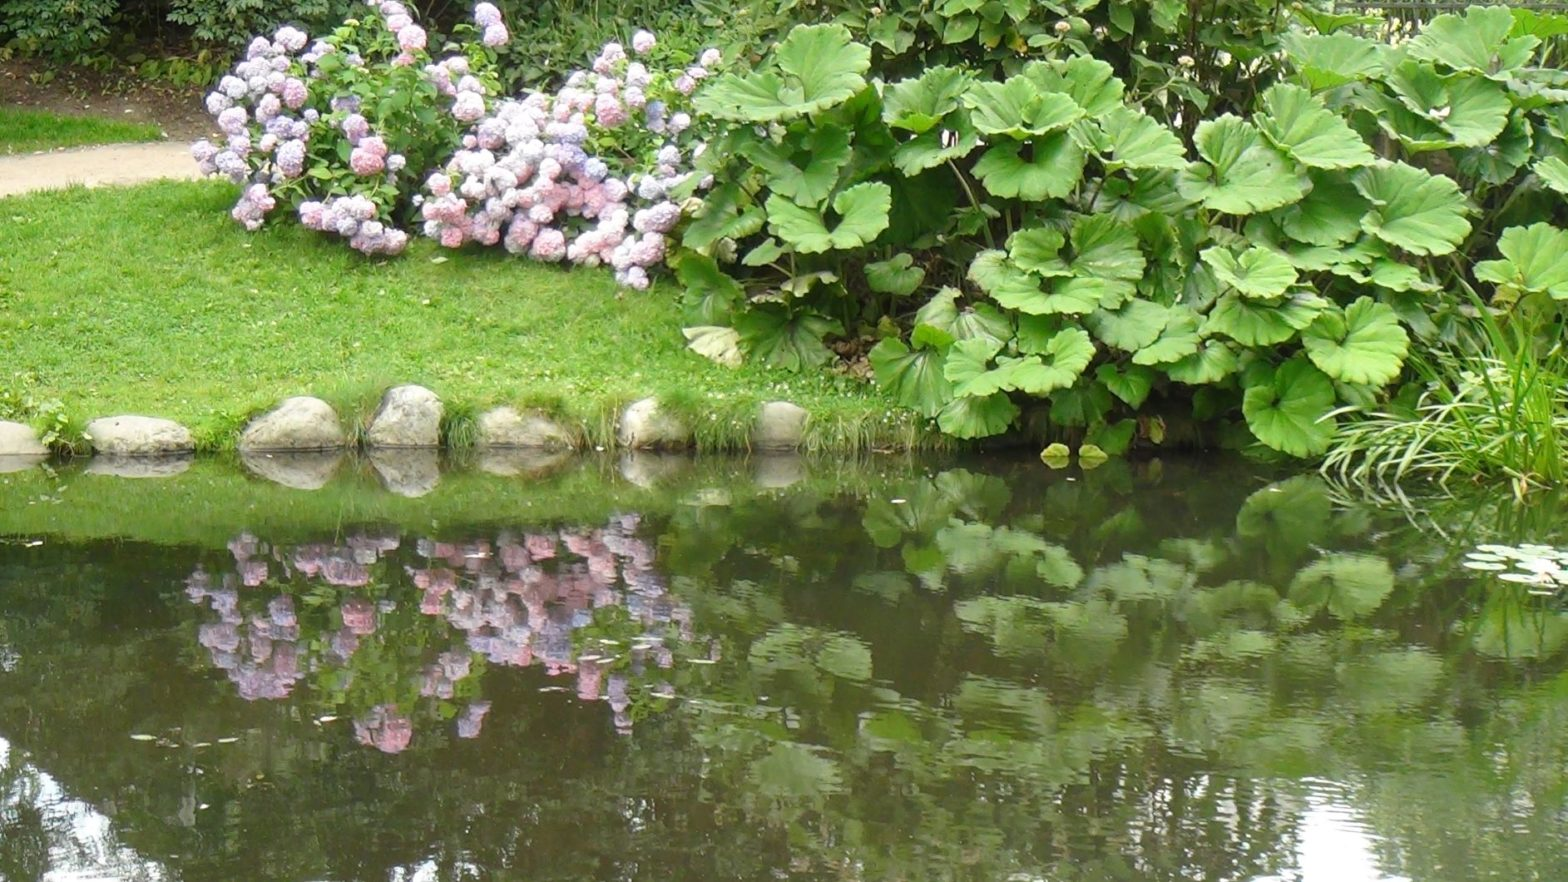 jardí botànic - adn-dna.net